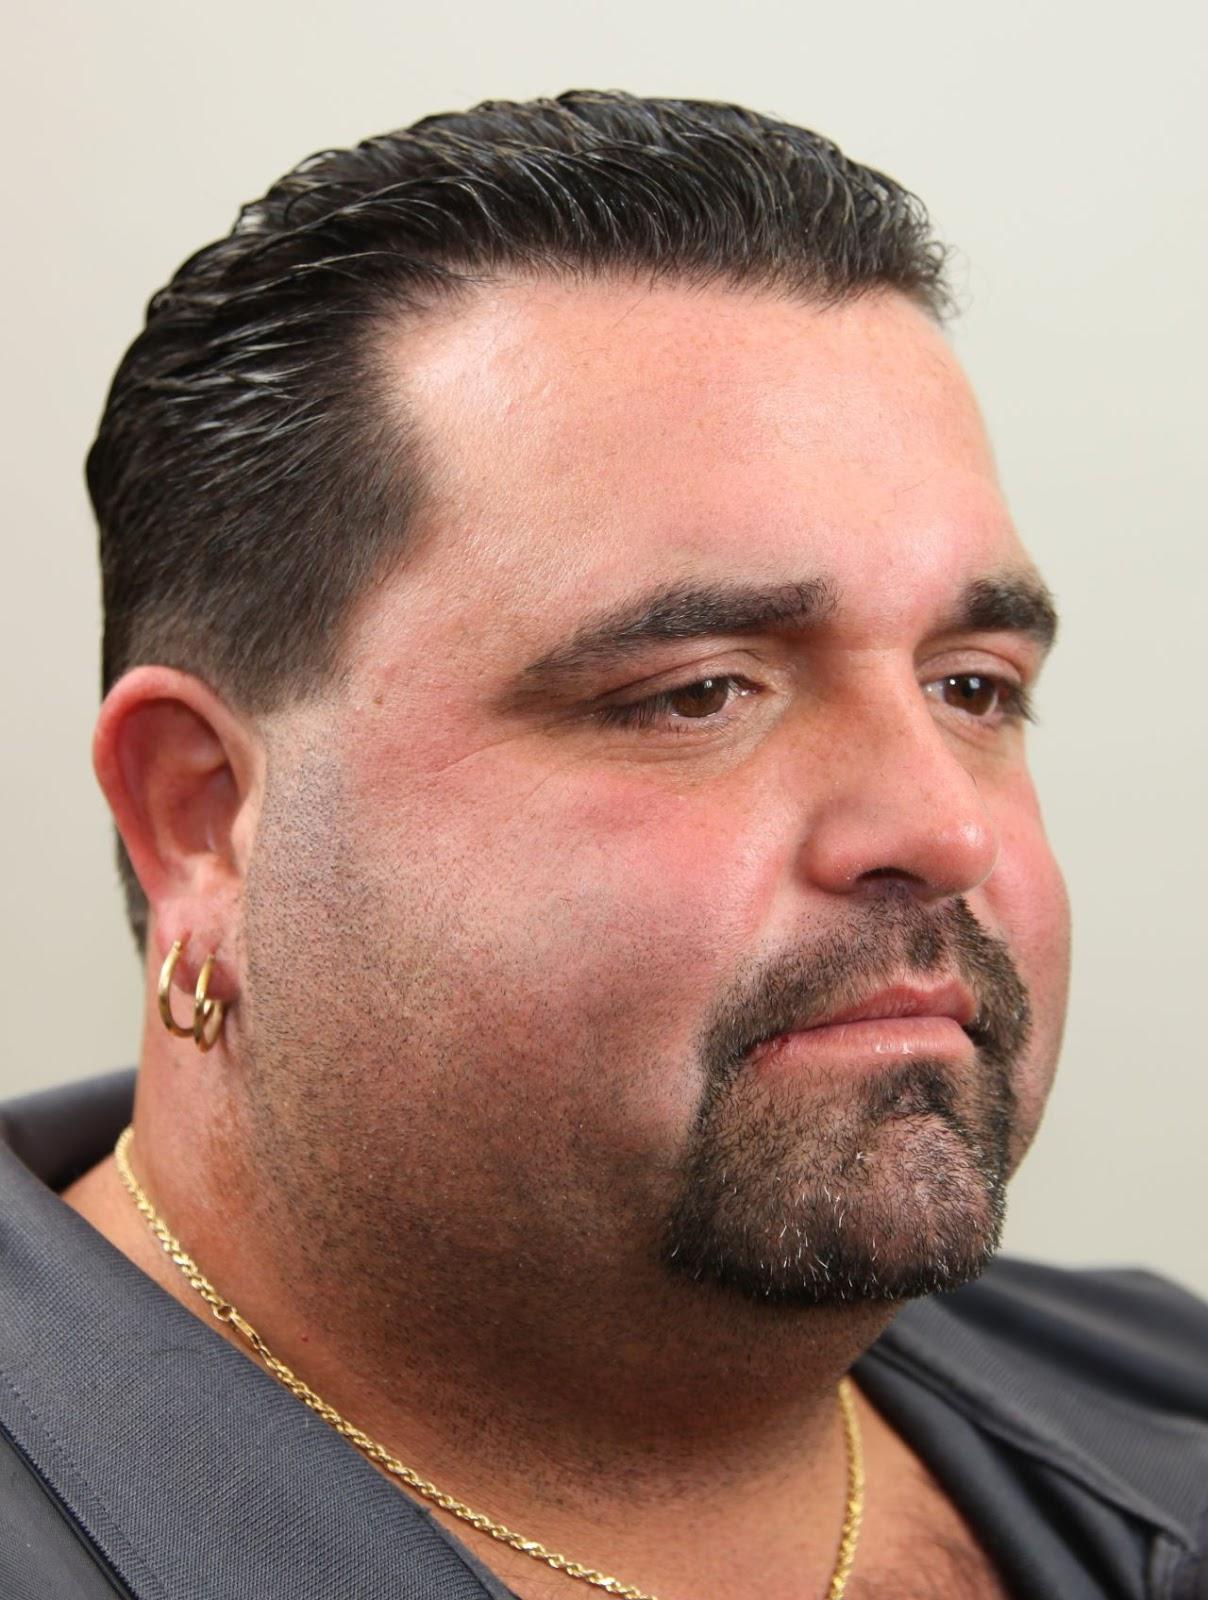 Model Rambut Maskulin Cocok Untuk Pria Gemuk Contoh Gaya Rambut - Gaya rambut pendek untuk wajah bulat pria